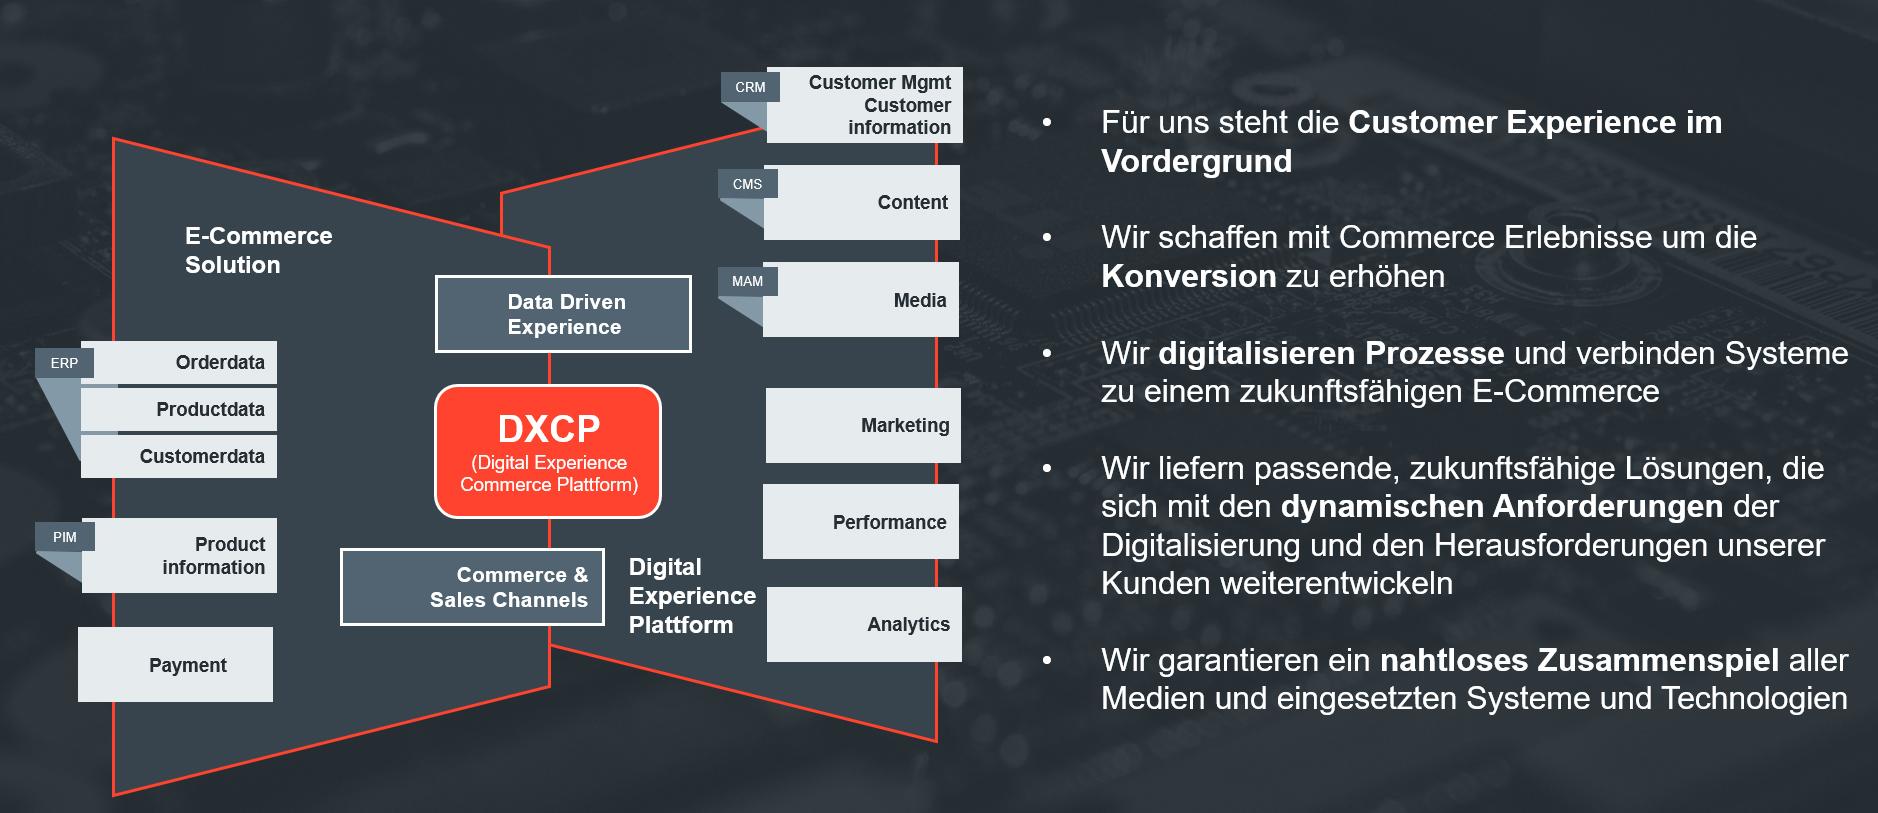 Digital Experience Commerce Platform der UDG